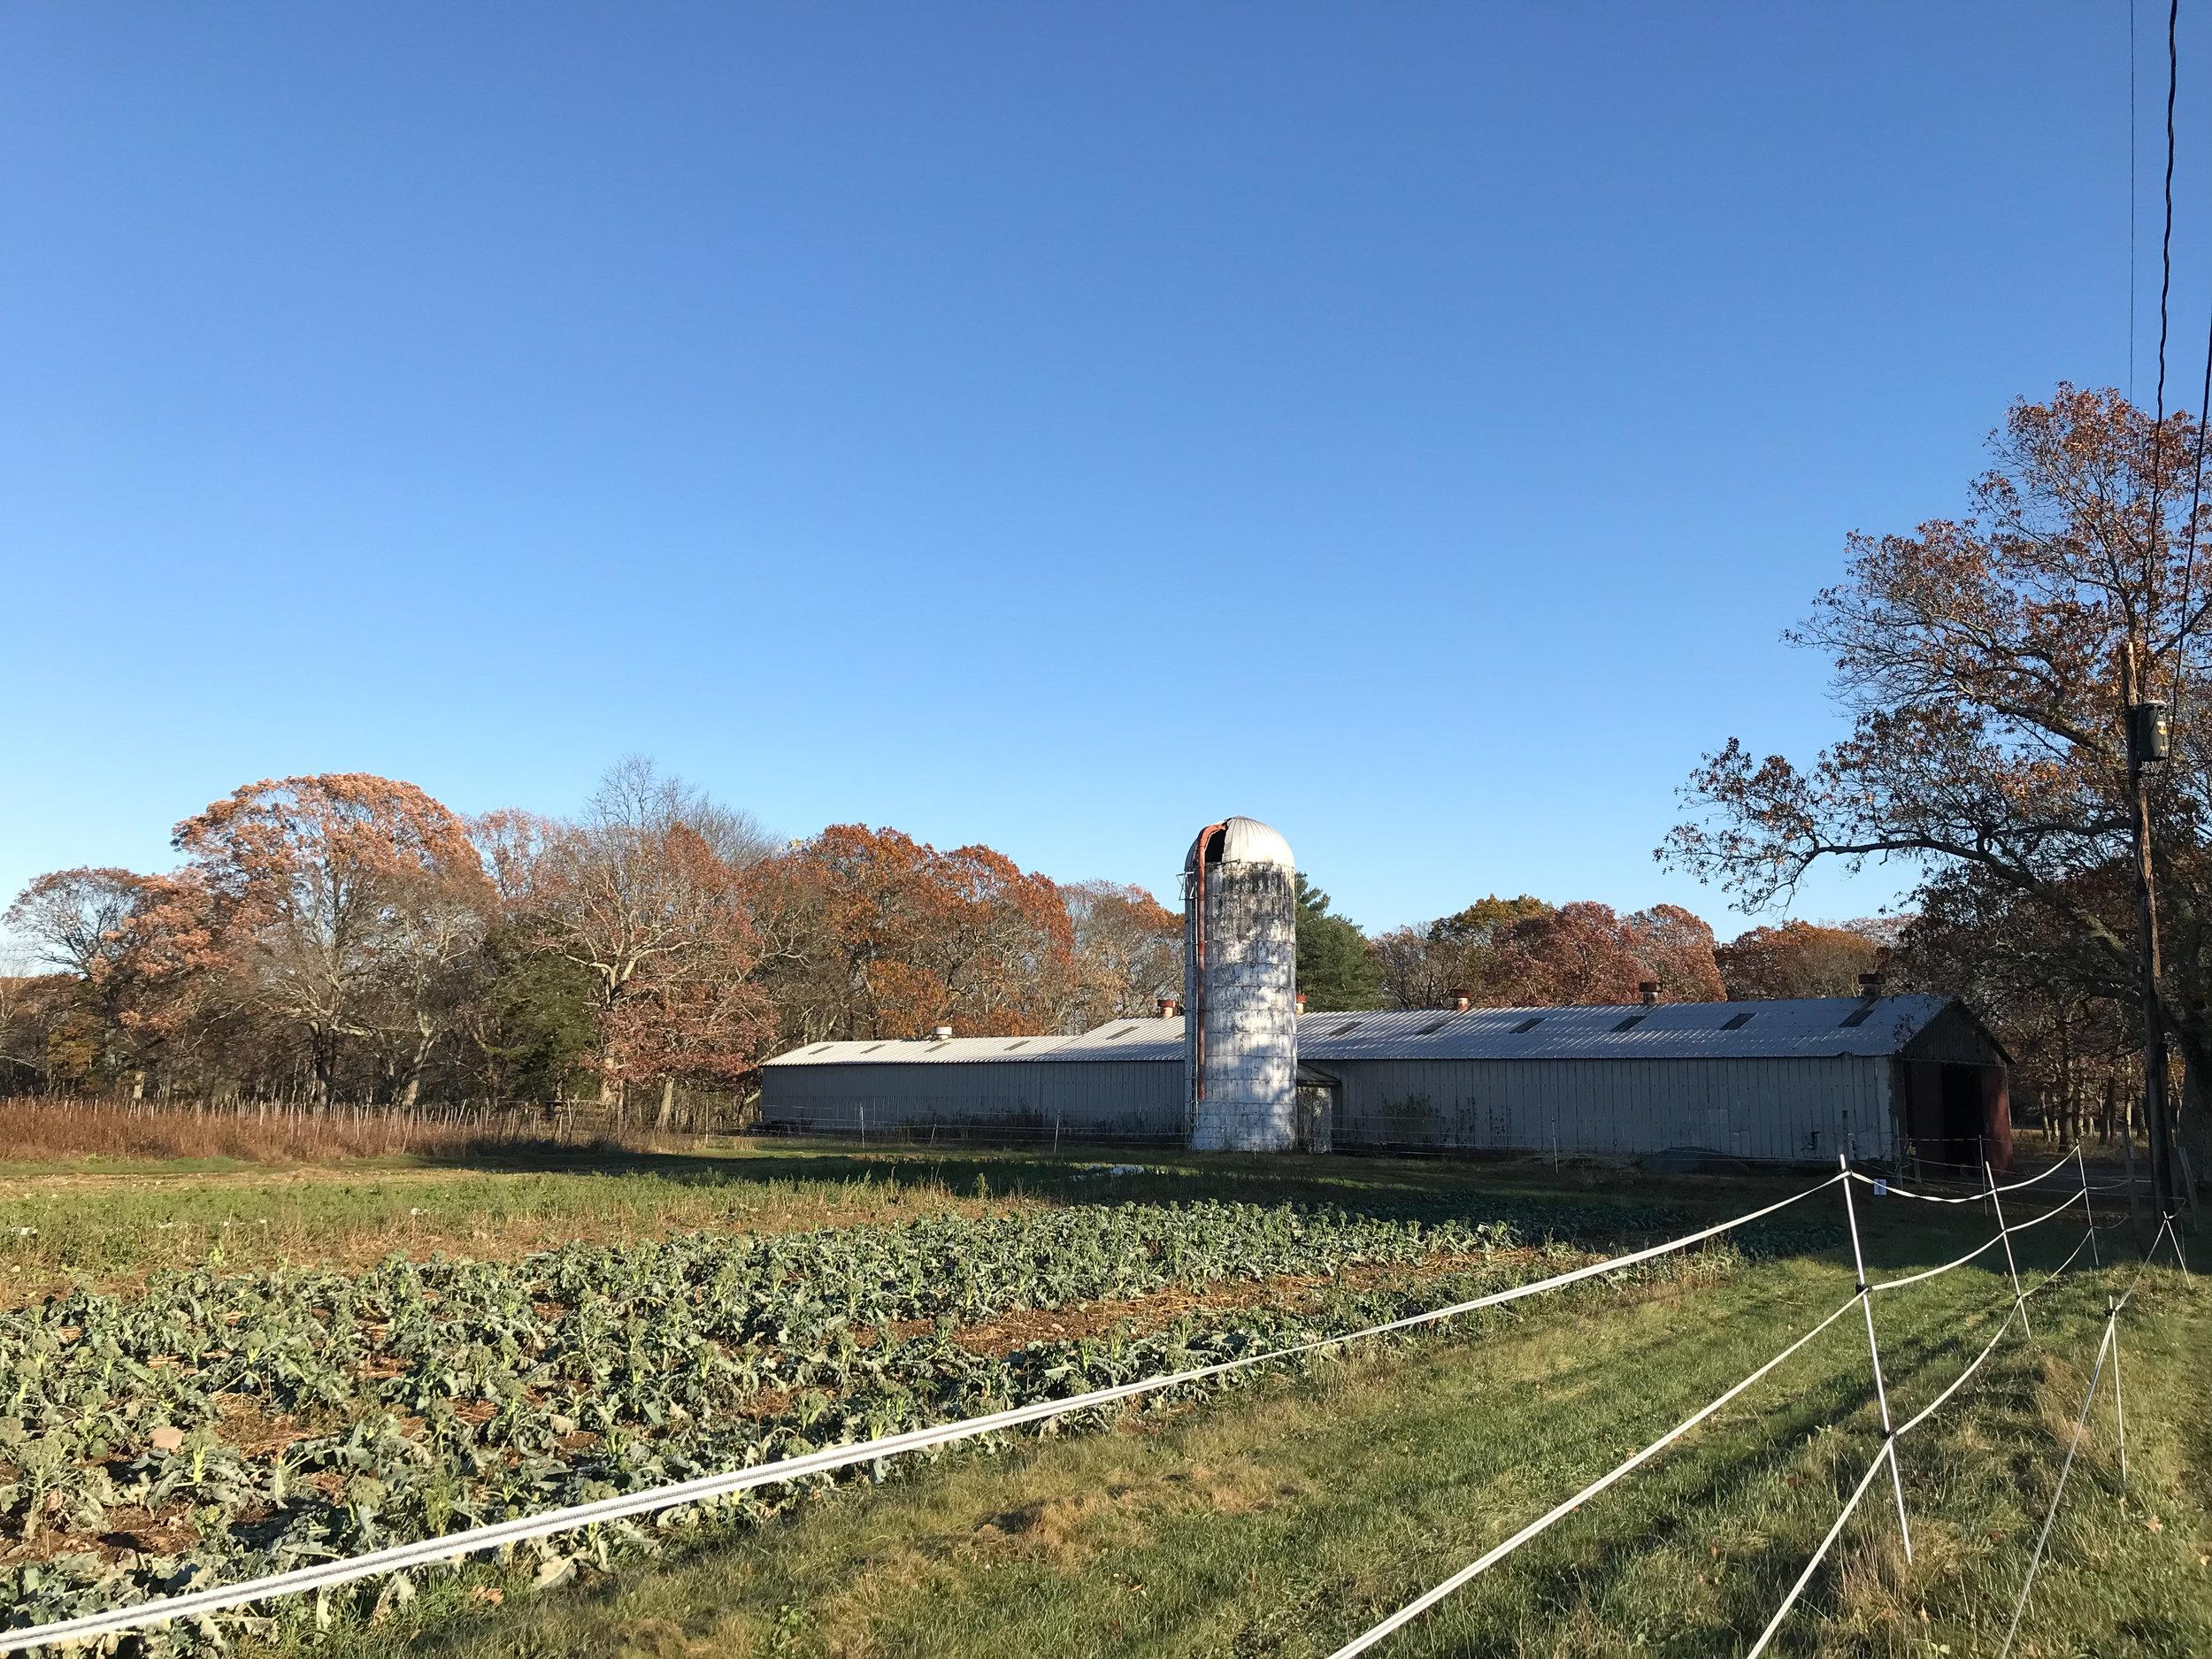 Powisset Farm (Dover, Massachusetts)